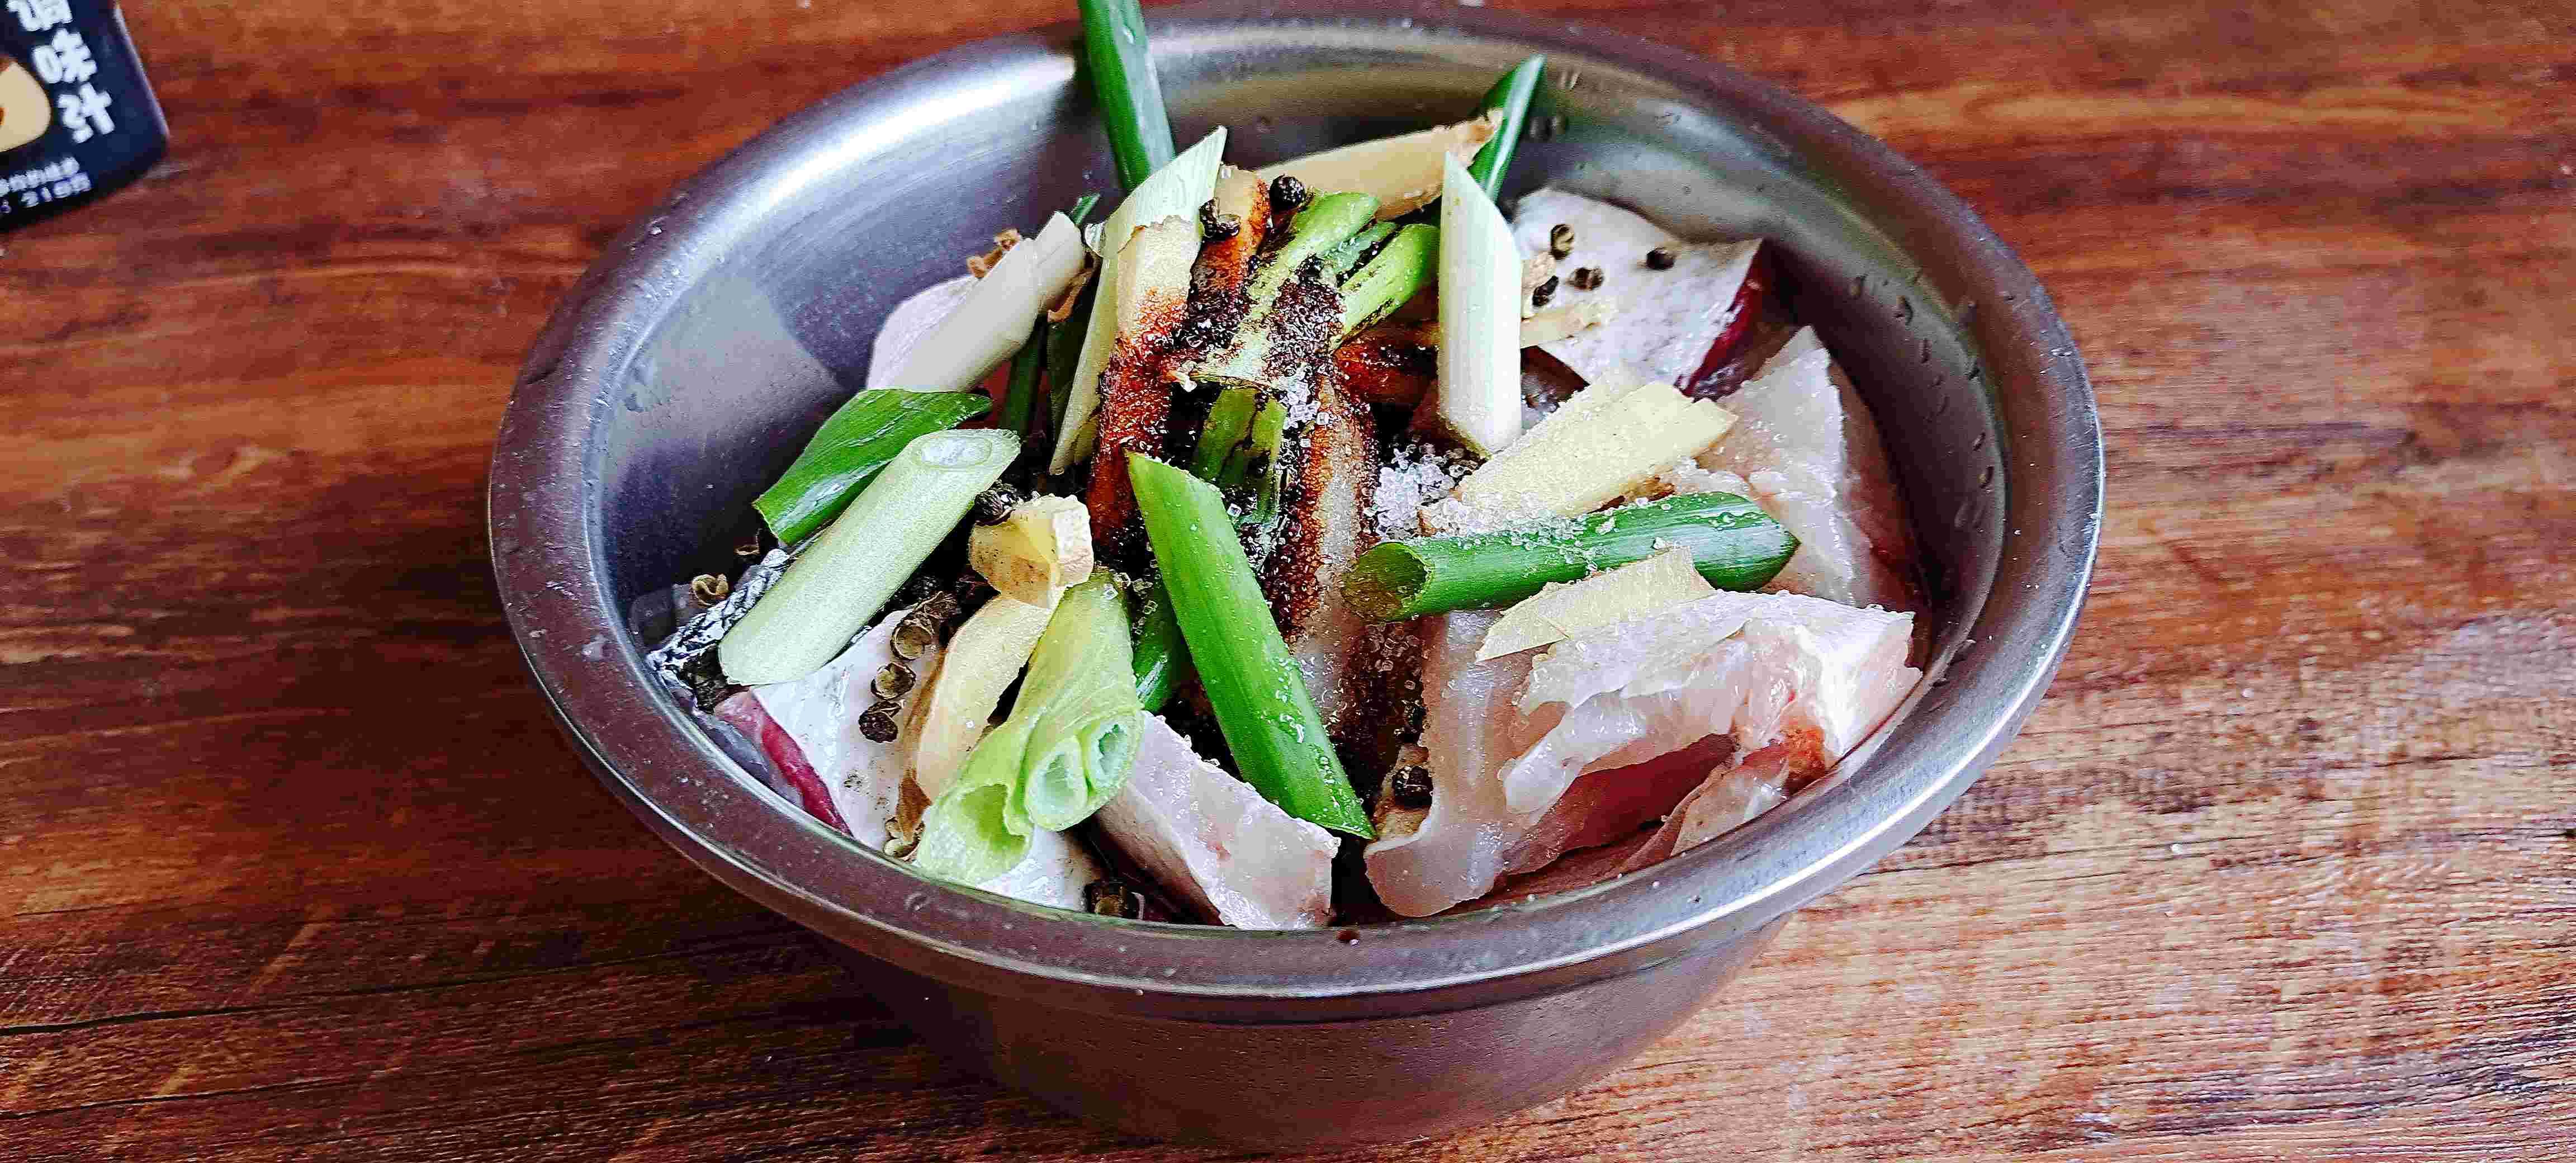 春节餐桌最受欢迎的荤凉菜~糖醋熏鱼的做法大全